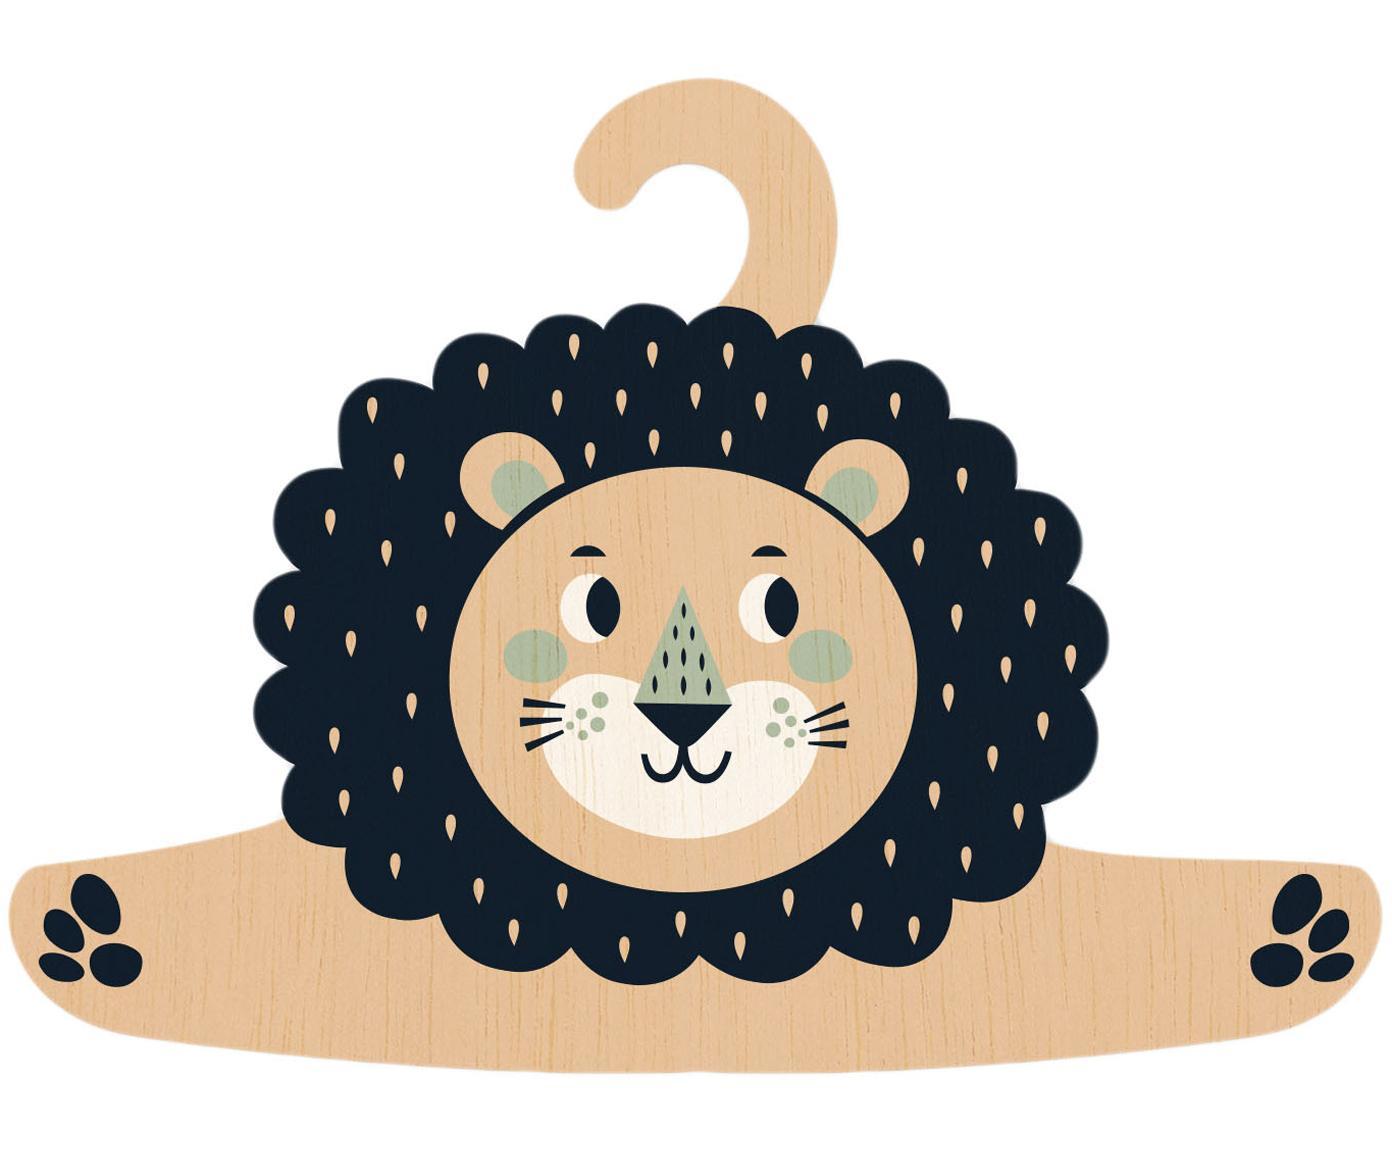 Kleerhanger Lion, Gecoat multiplex, Zwart, beige, mintgroen, crèmekleurig, 30 x 30 cm